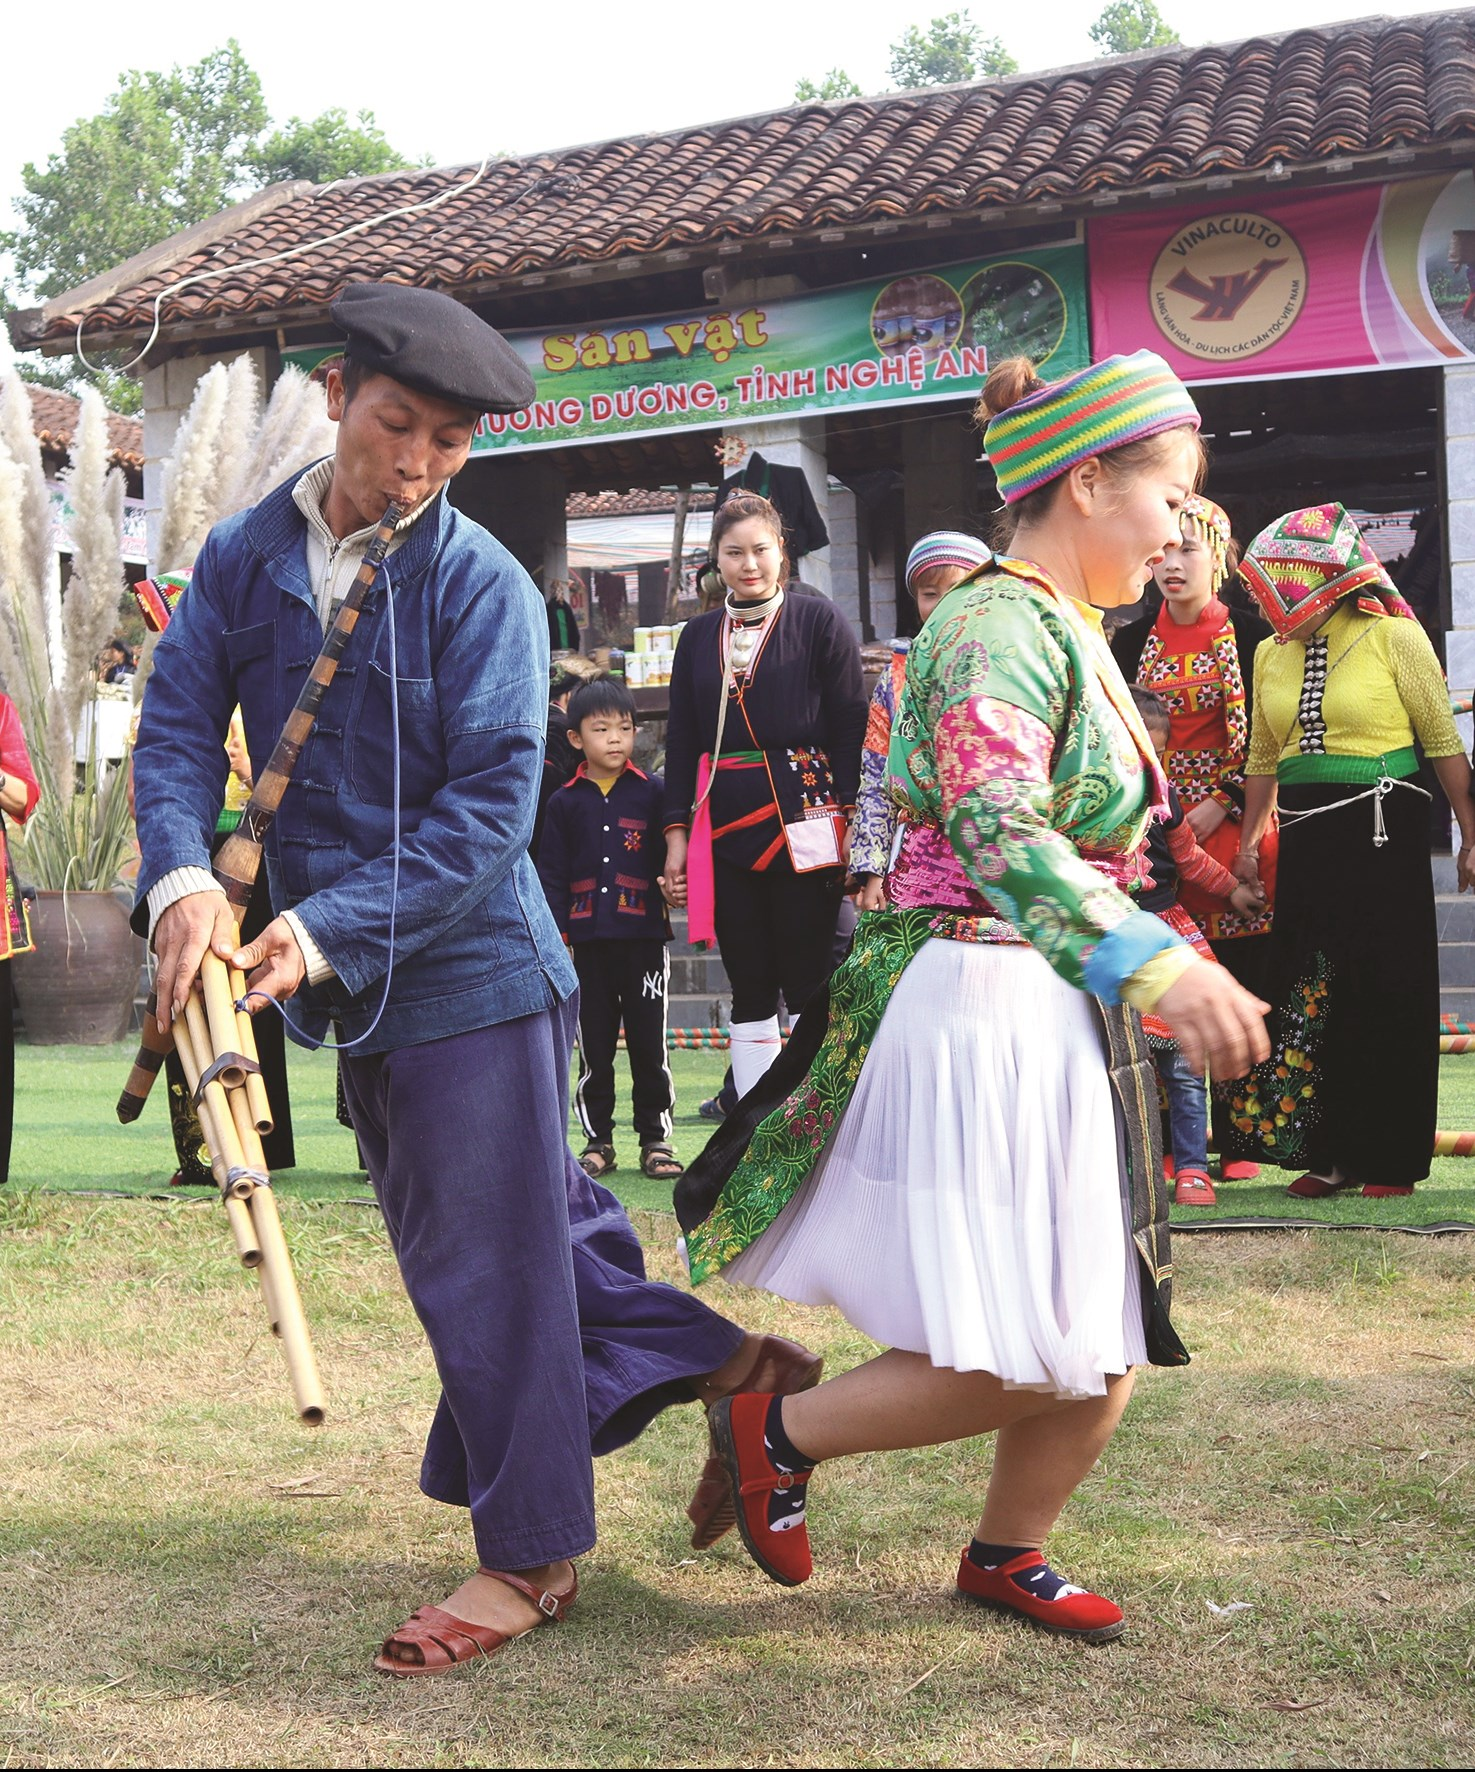 Hình ảnh về đời sống sinh hoạt văn hóa thường được biểu đạt phong phú trong thơ của các tác giả người Mông.